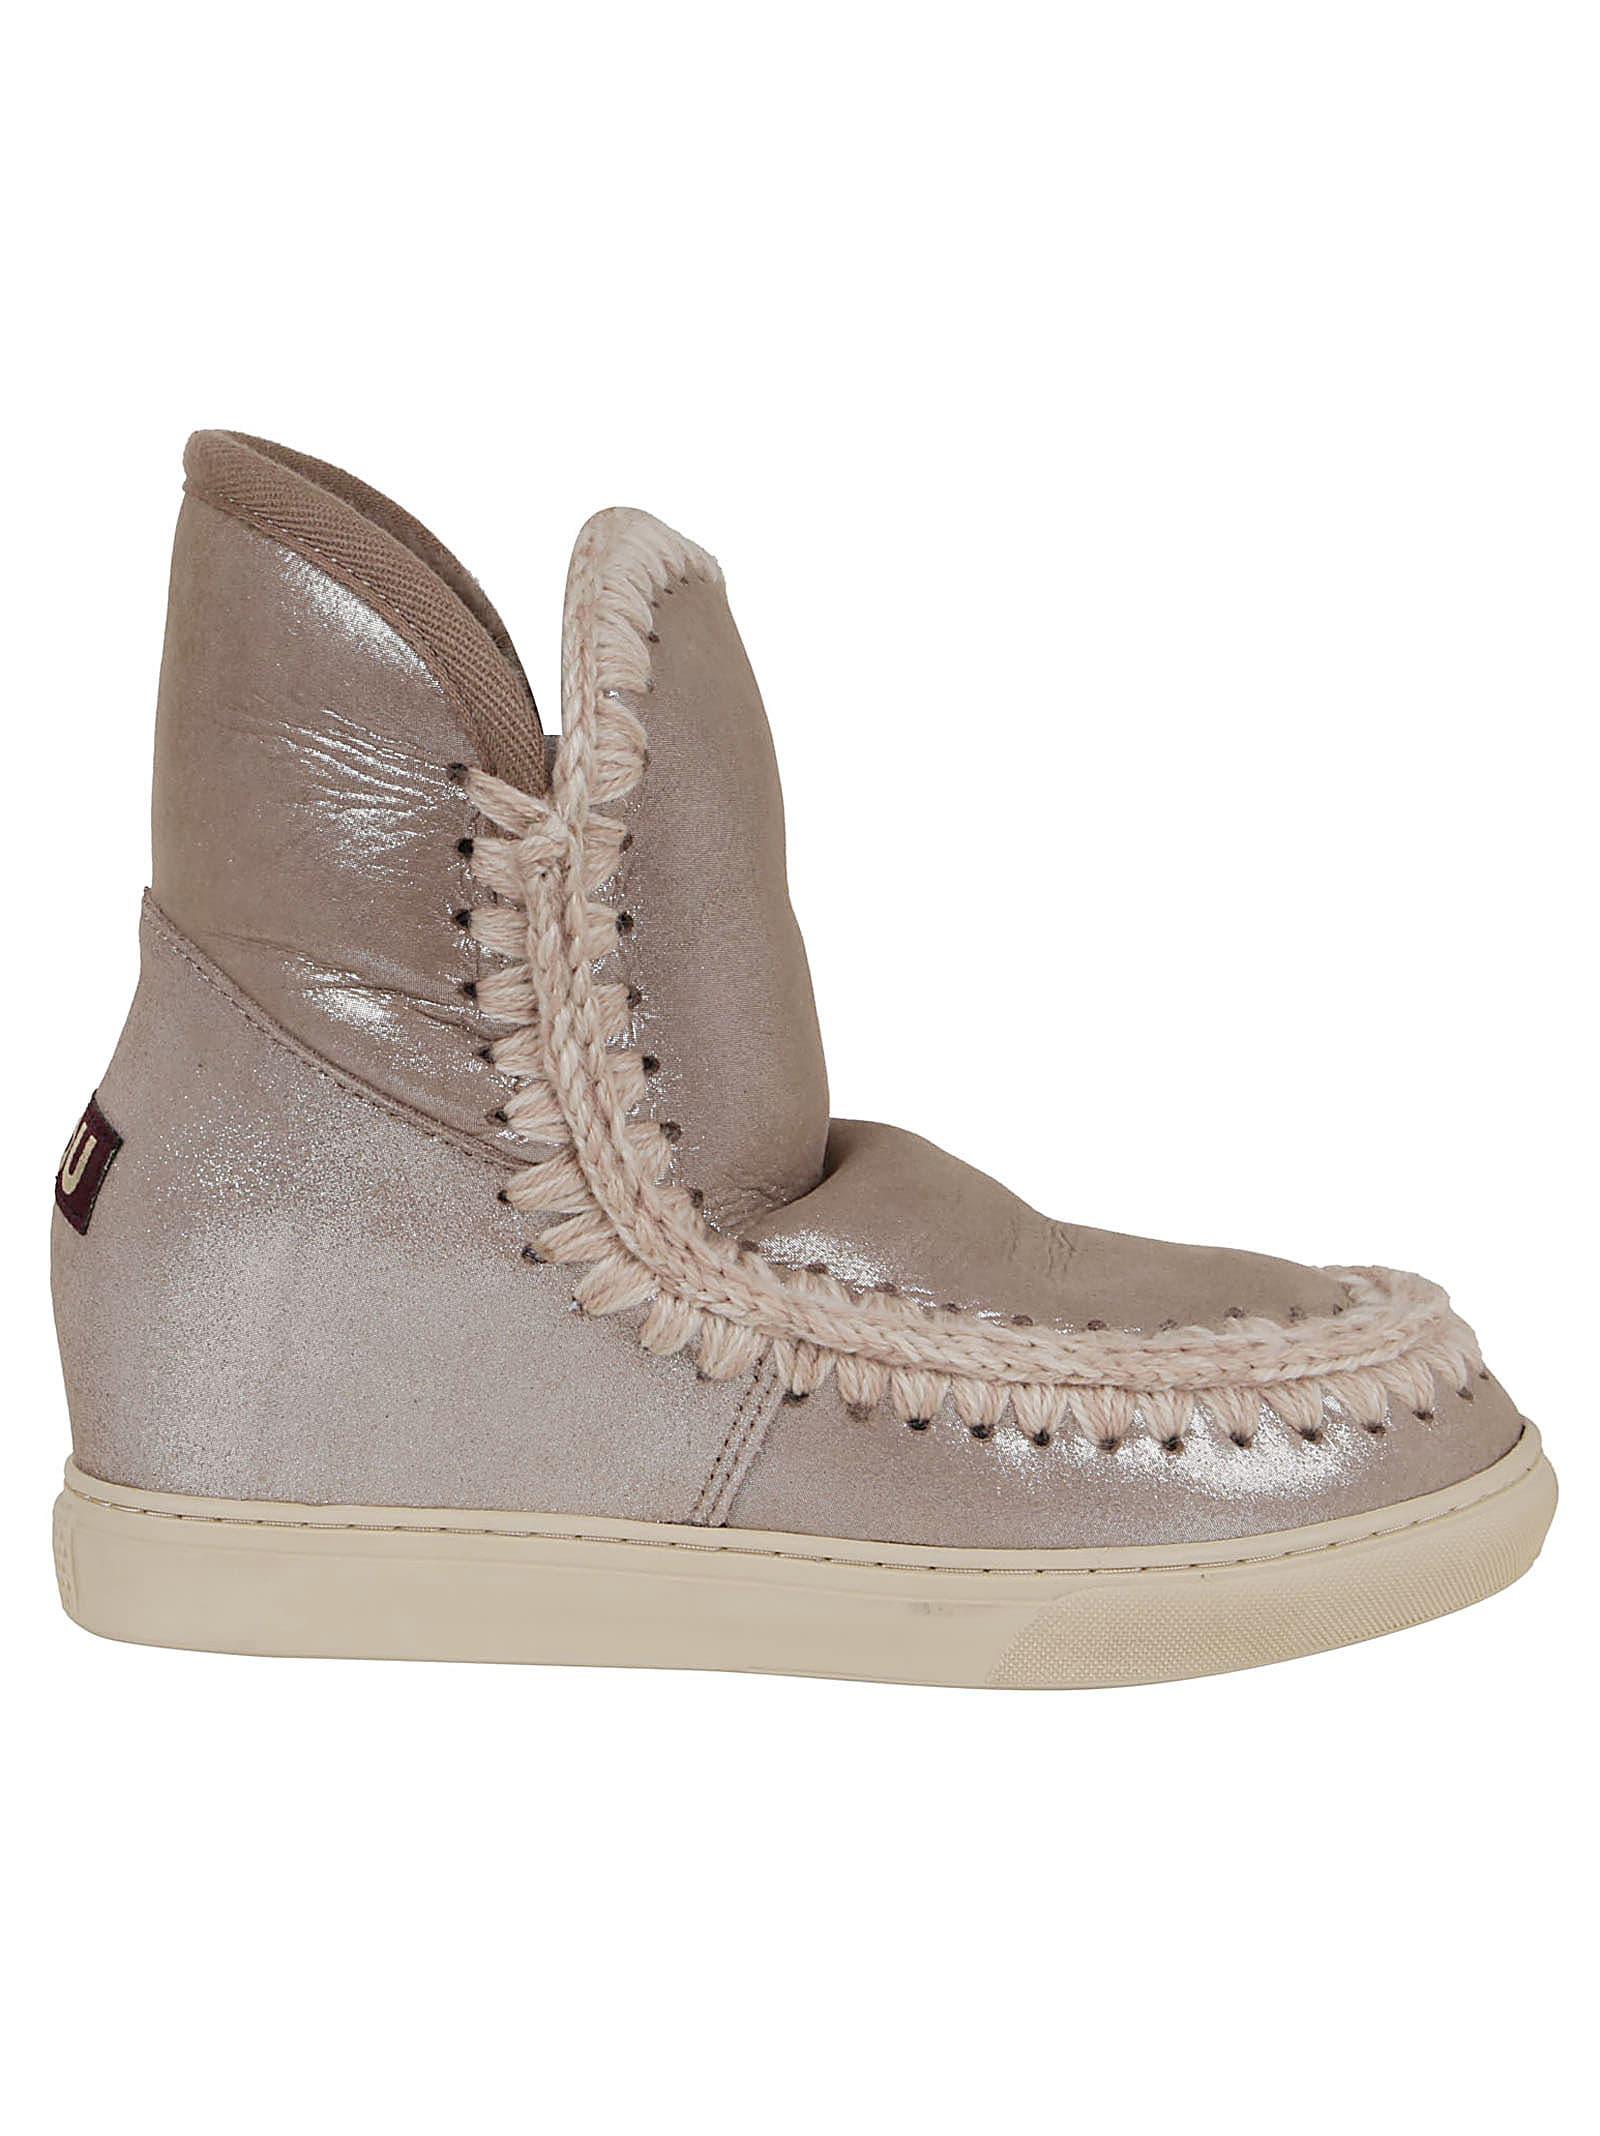 Mou Sneakers   italist, ALWAYS LIKE A SALE